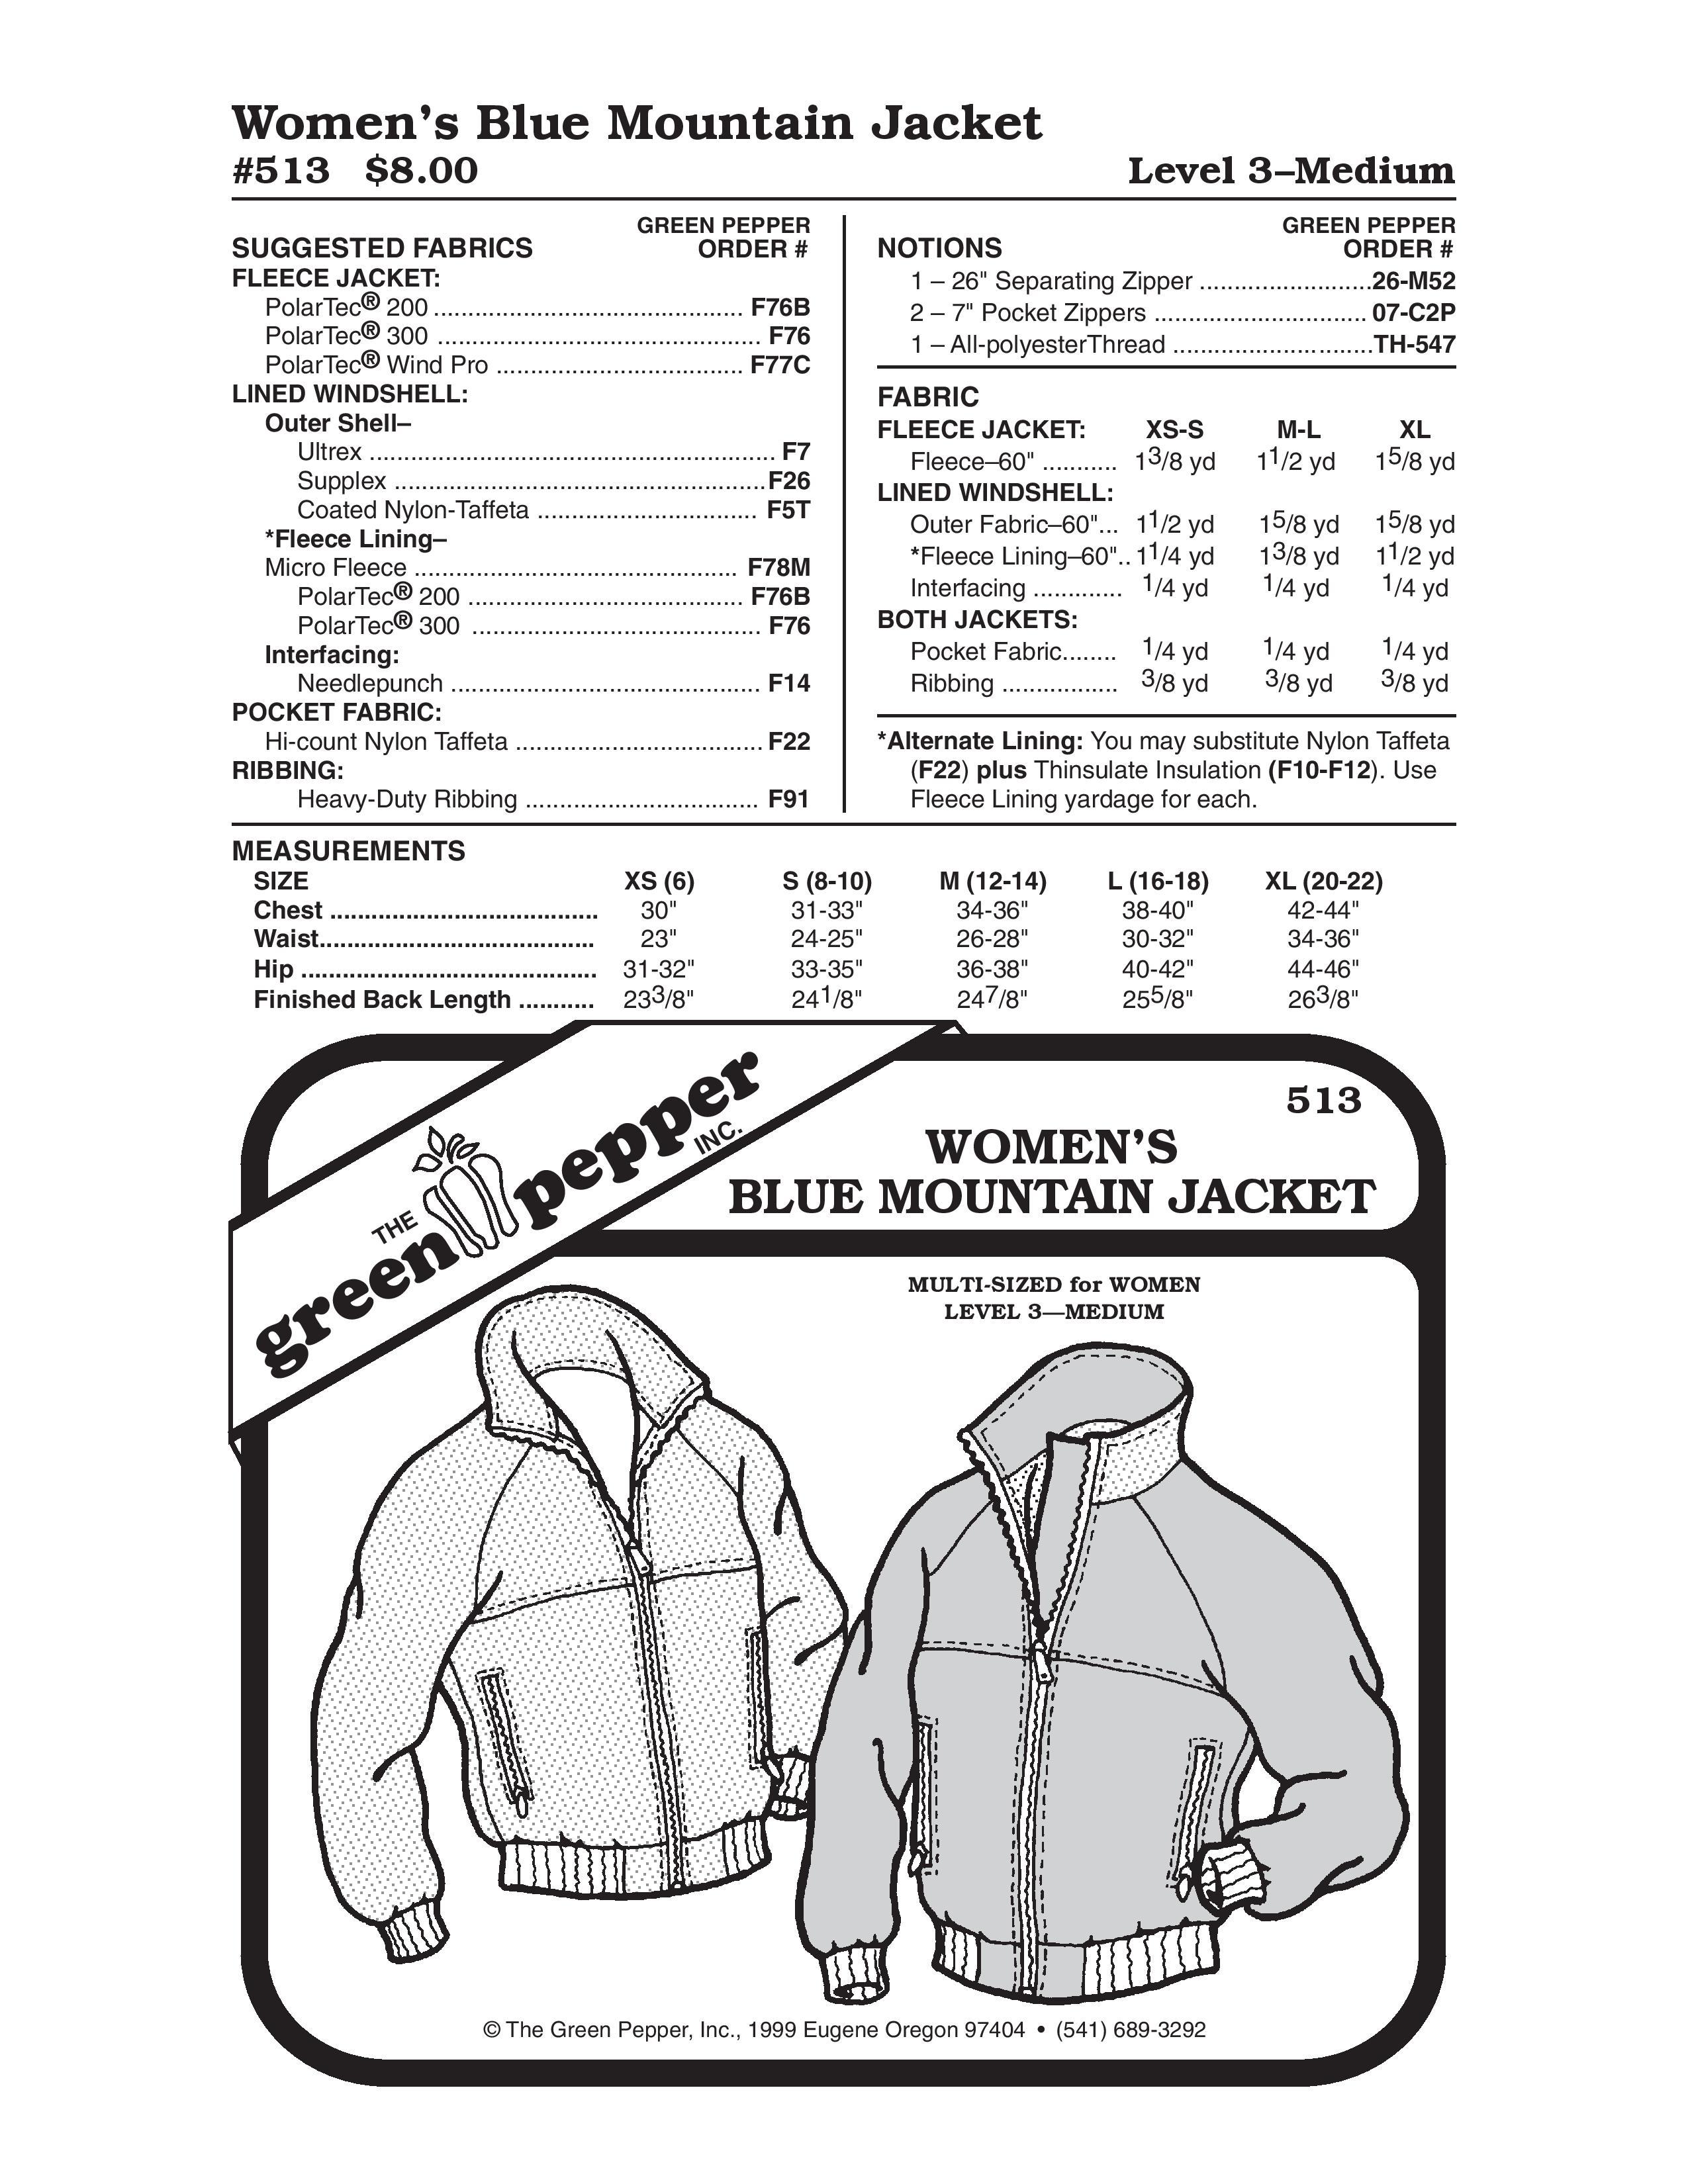 Women's Blue Mountain Jacket Sewing Pattern